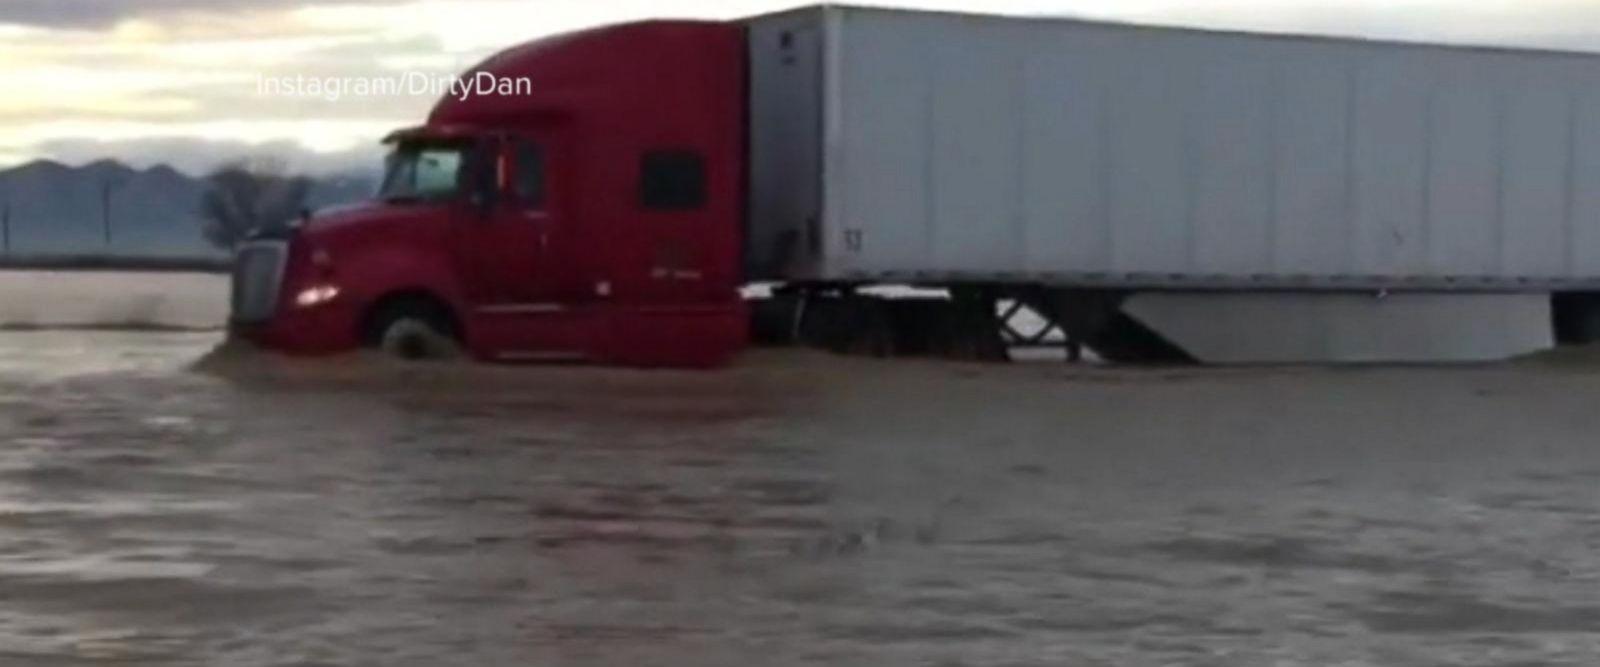 VIDEO: California braces for more heavy rain